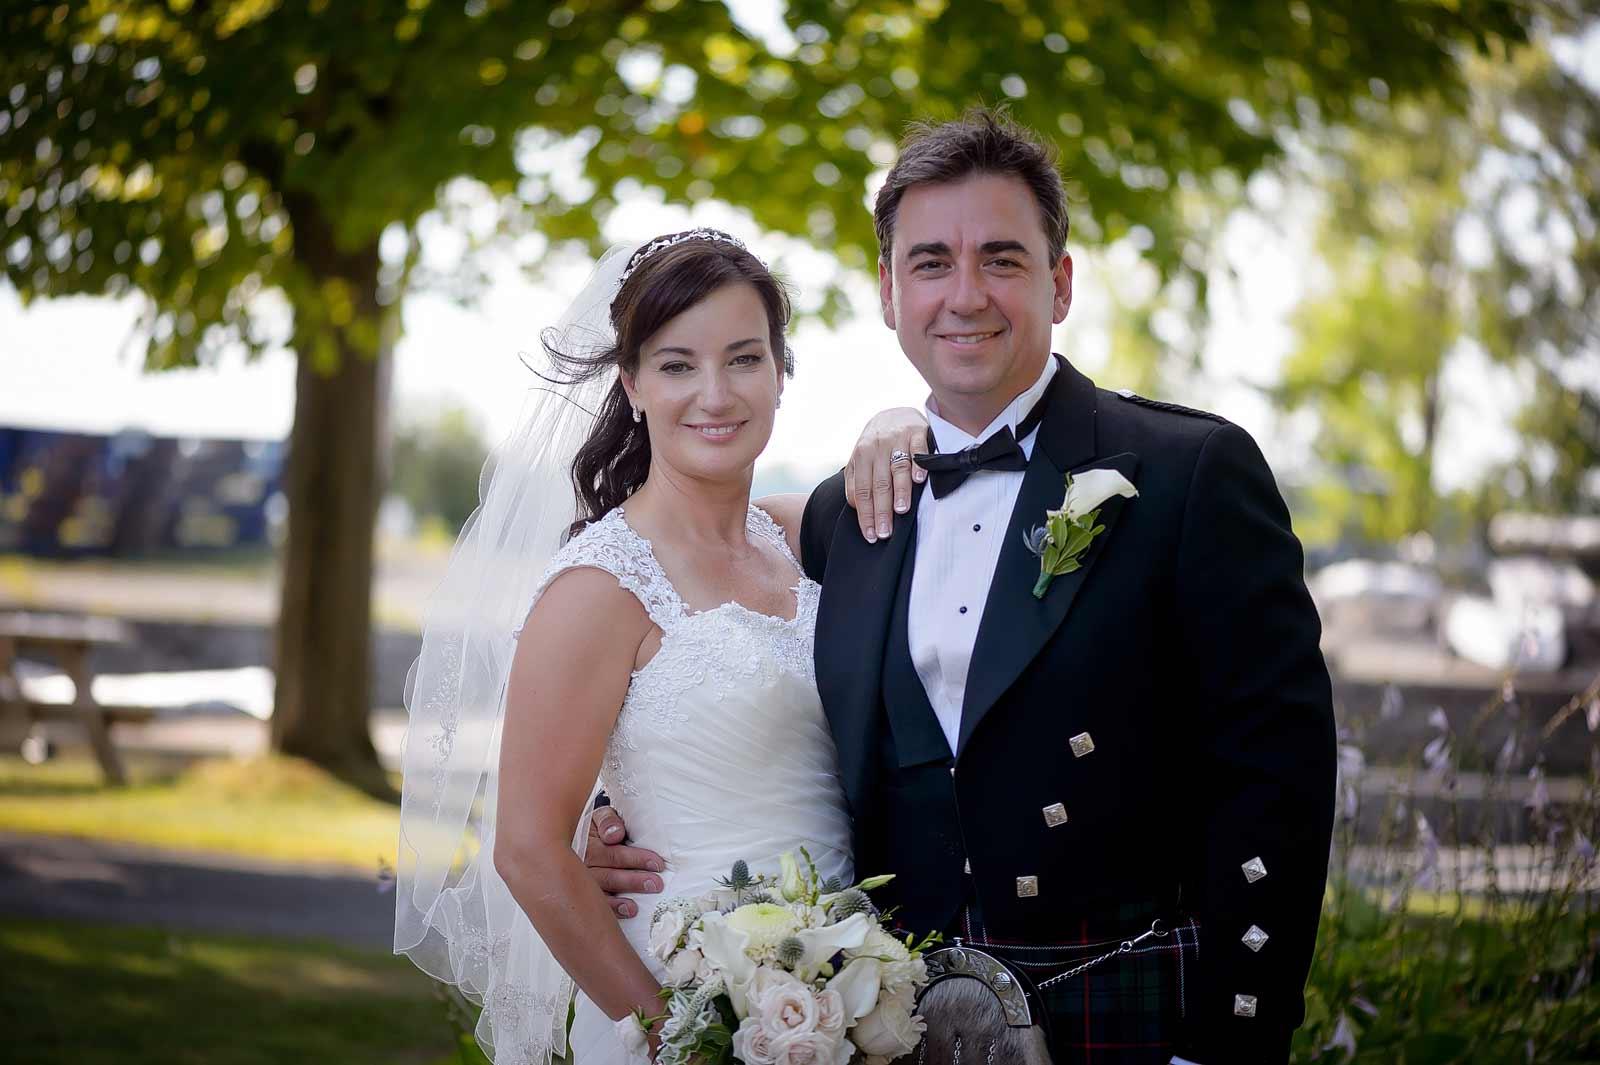 kathy-peter-wedding-sneakpeek-005